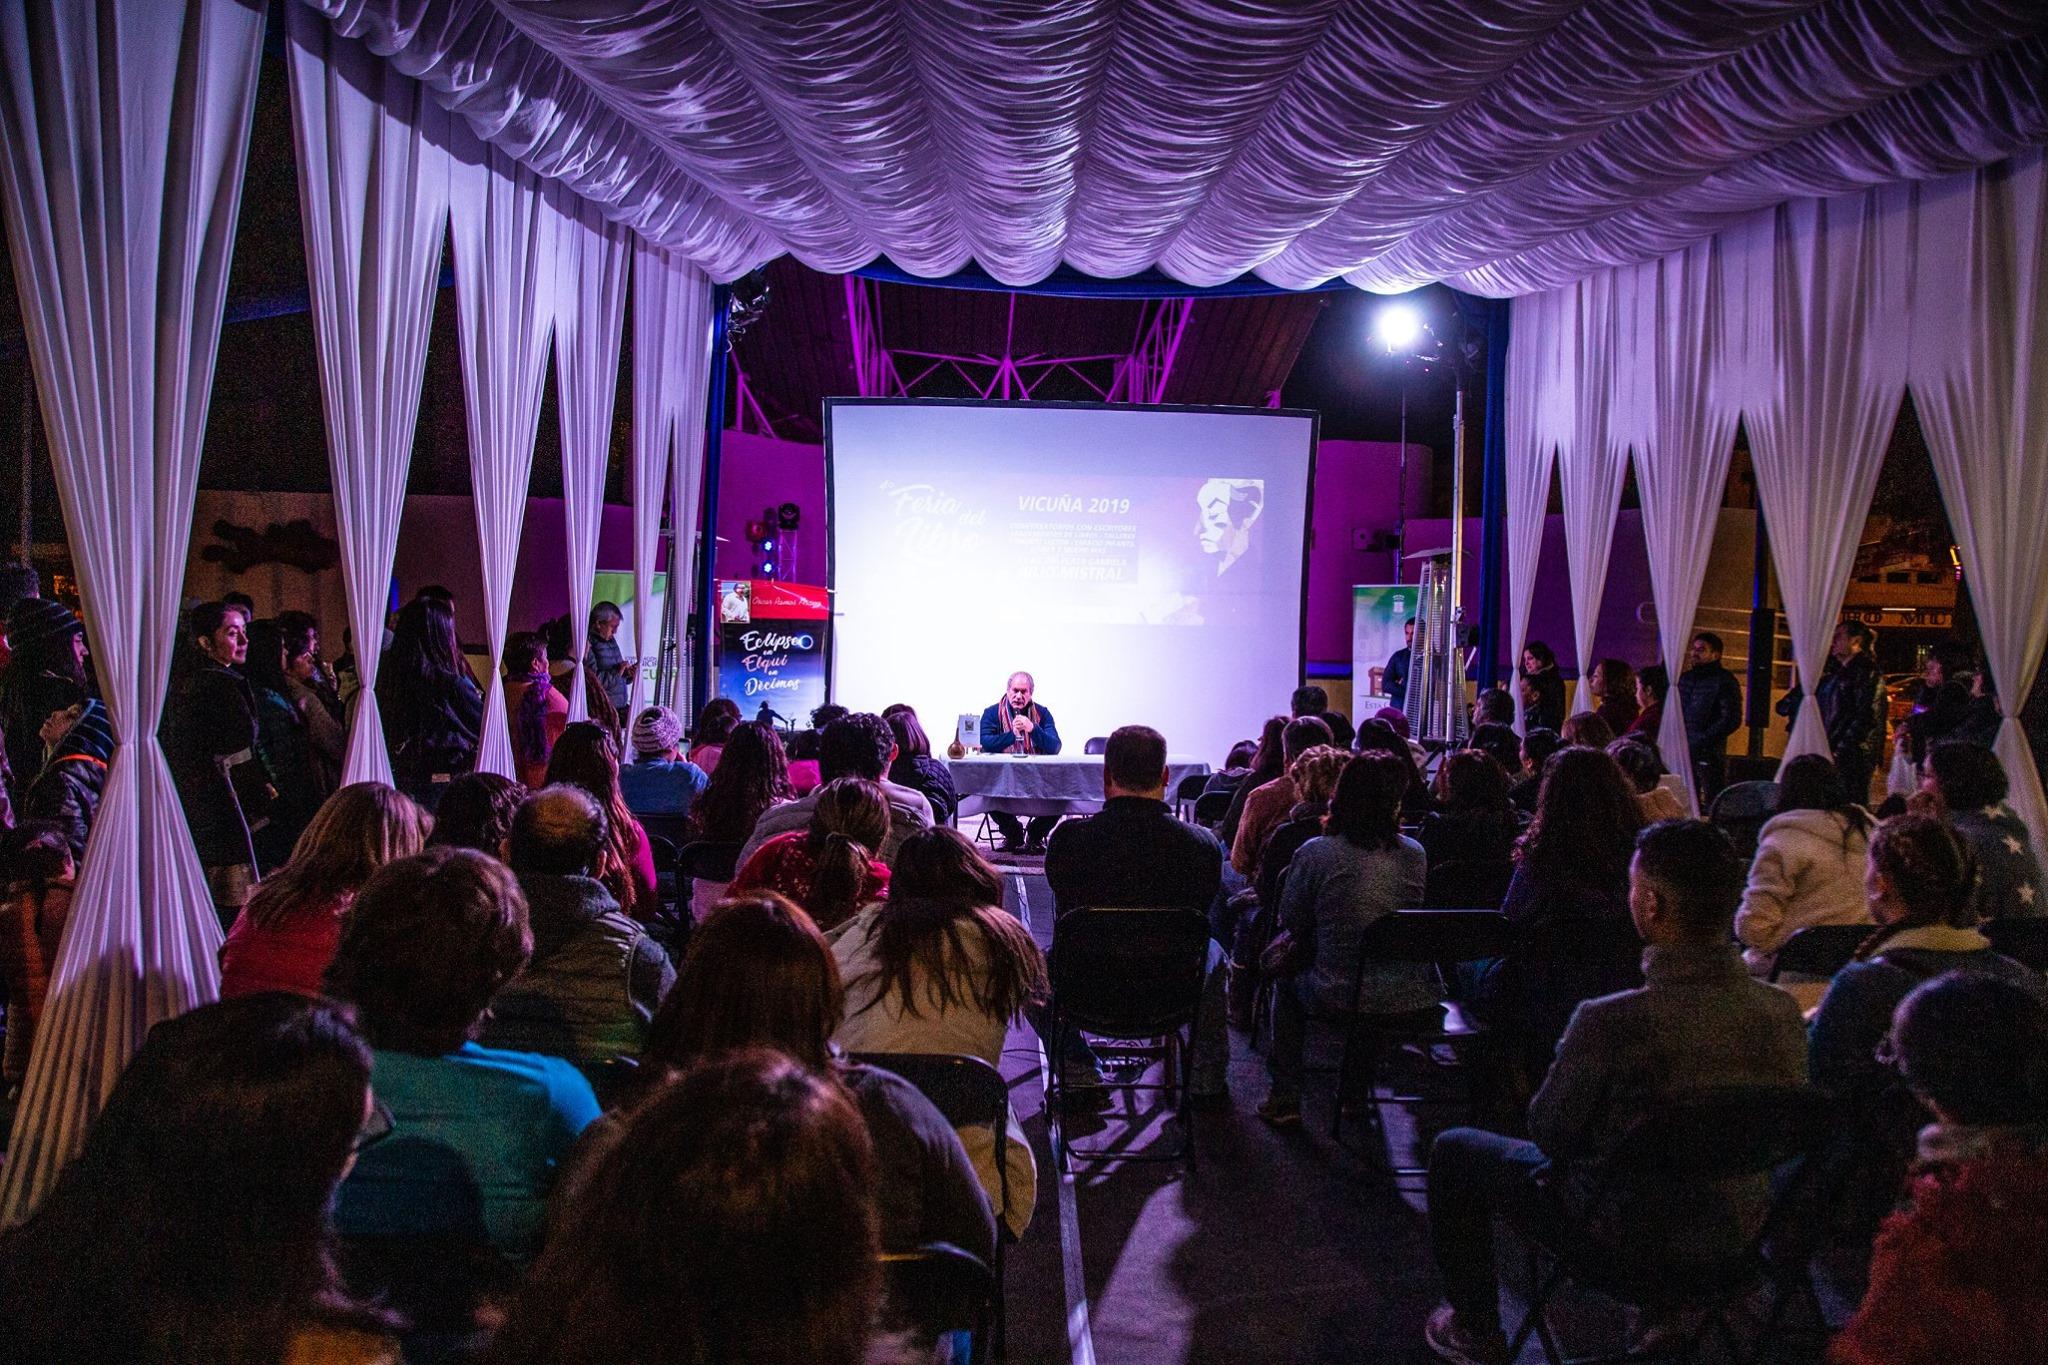 Corporación Cultural de Vicuña se adjudica fondos por más de $20 millones para realizar la 5ta edición de su Feria del Libro